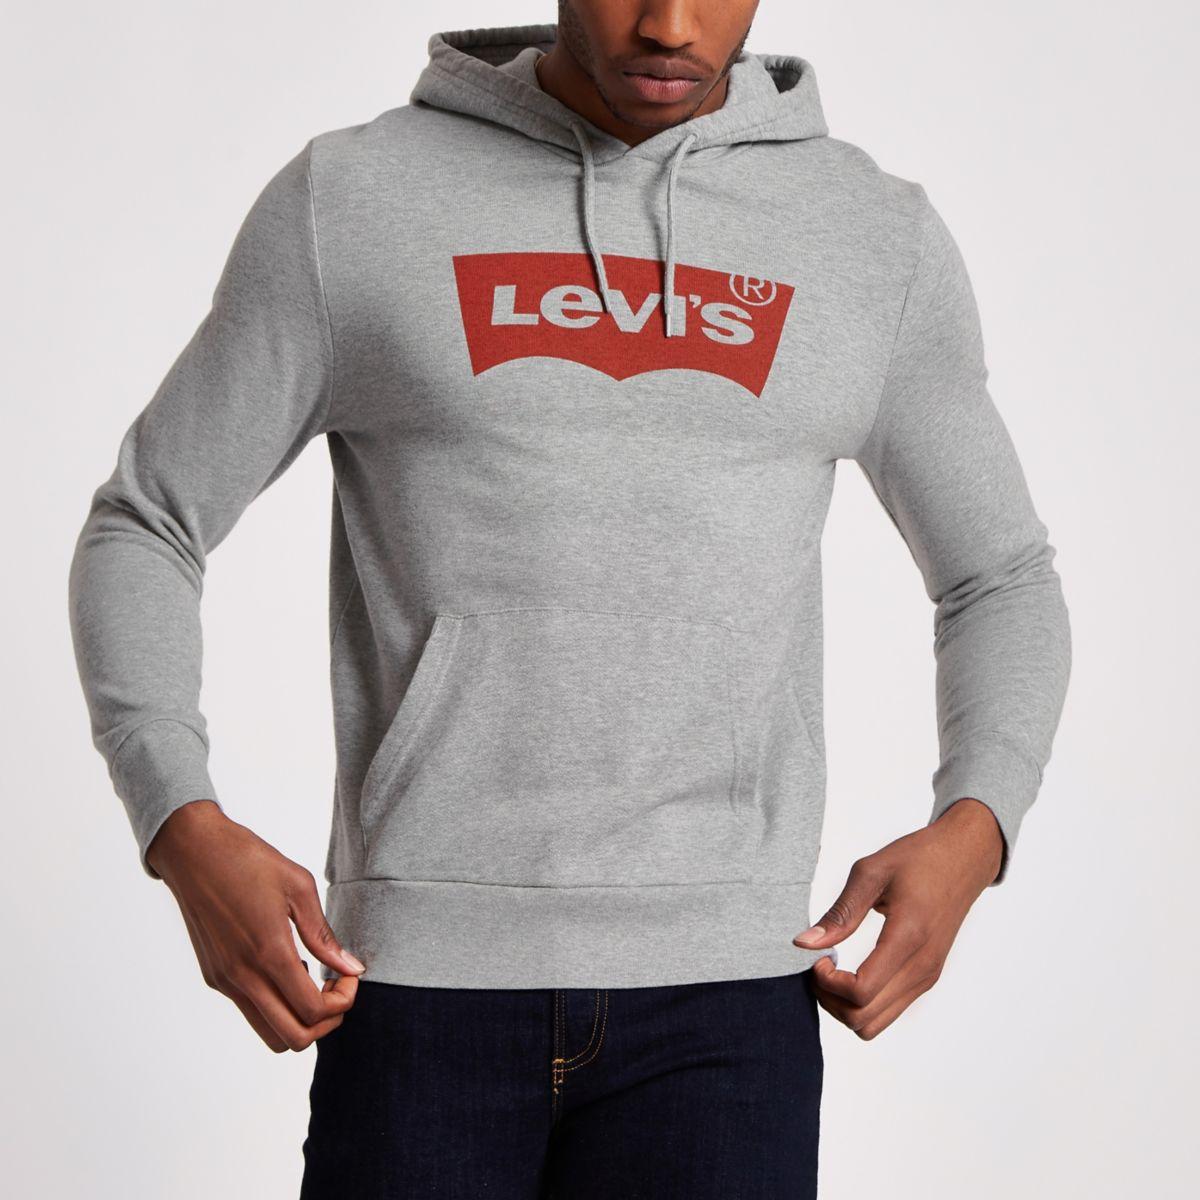 Levi's grey print hoodie